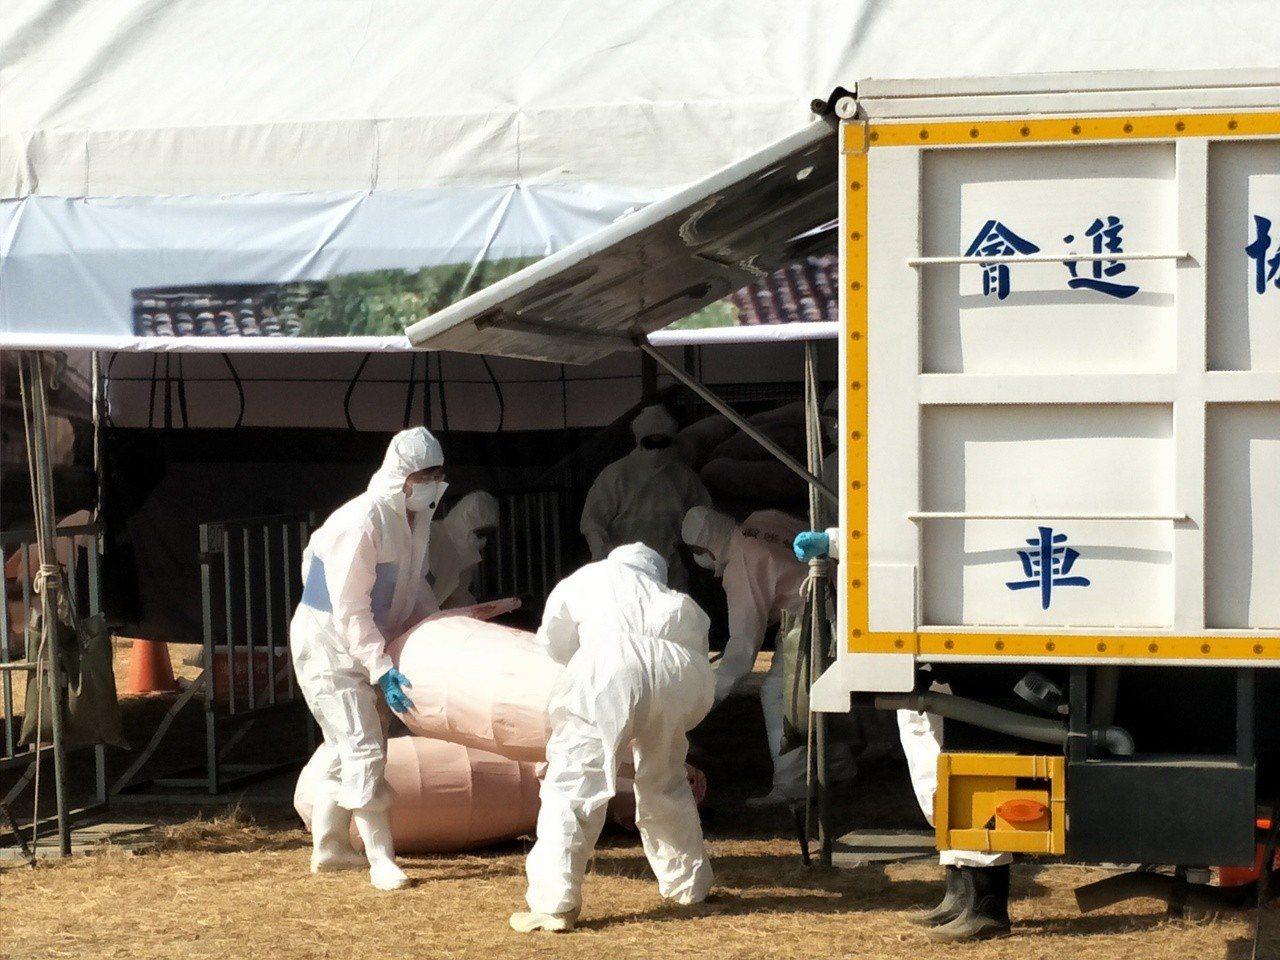 防疫人員模擬抬出豬屍處理。記者謝進盛/攝影